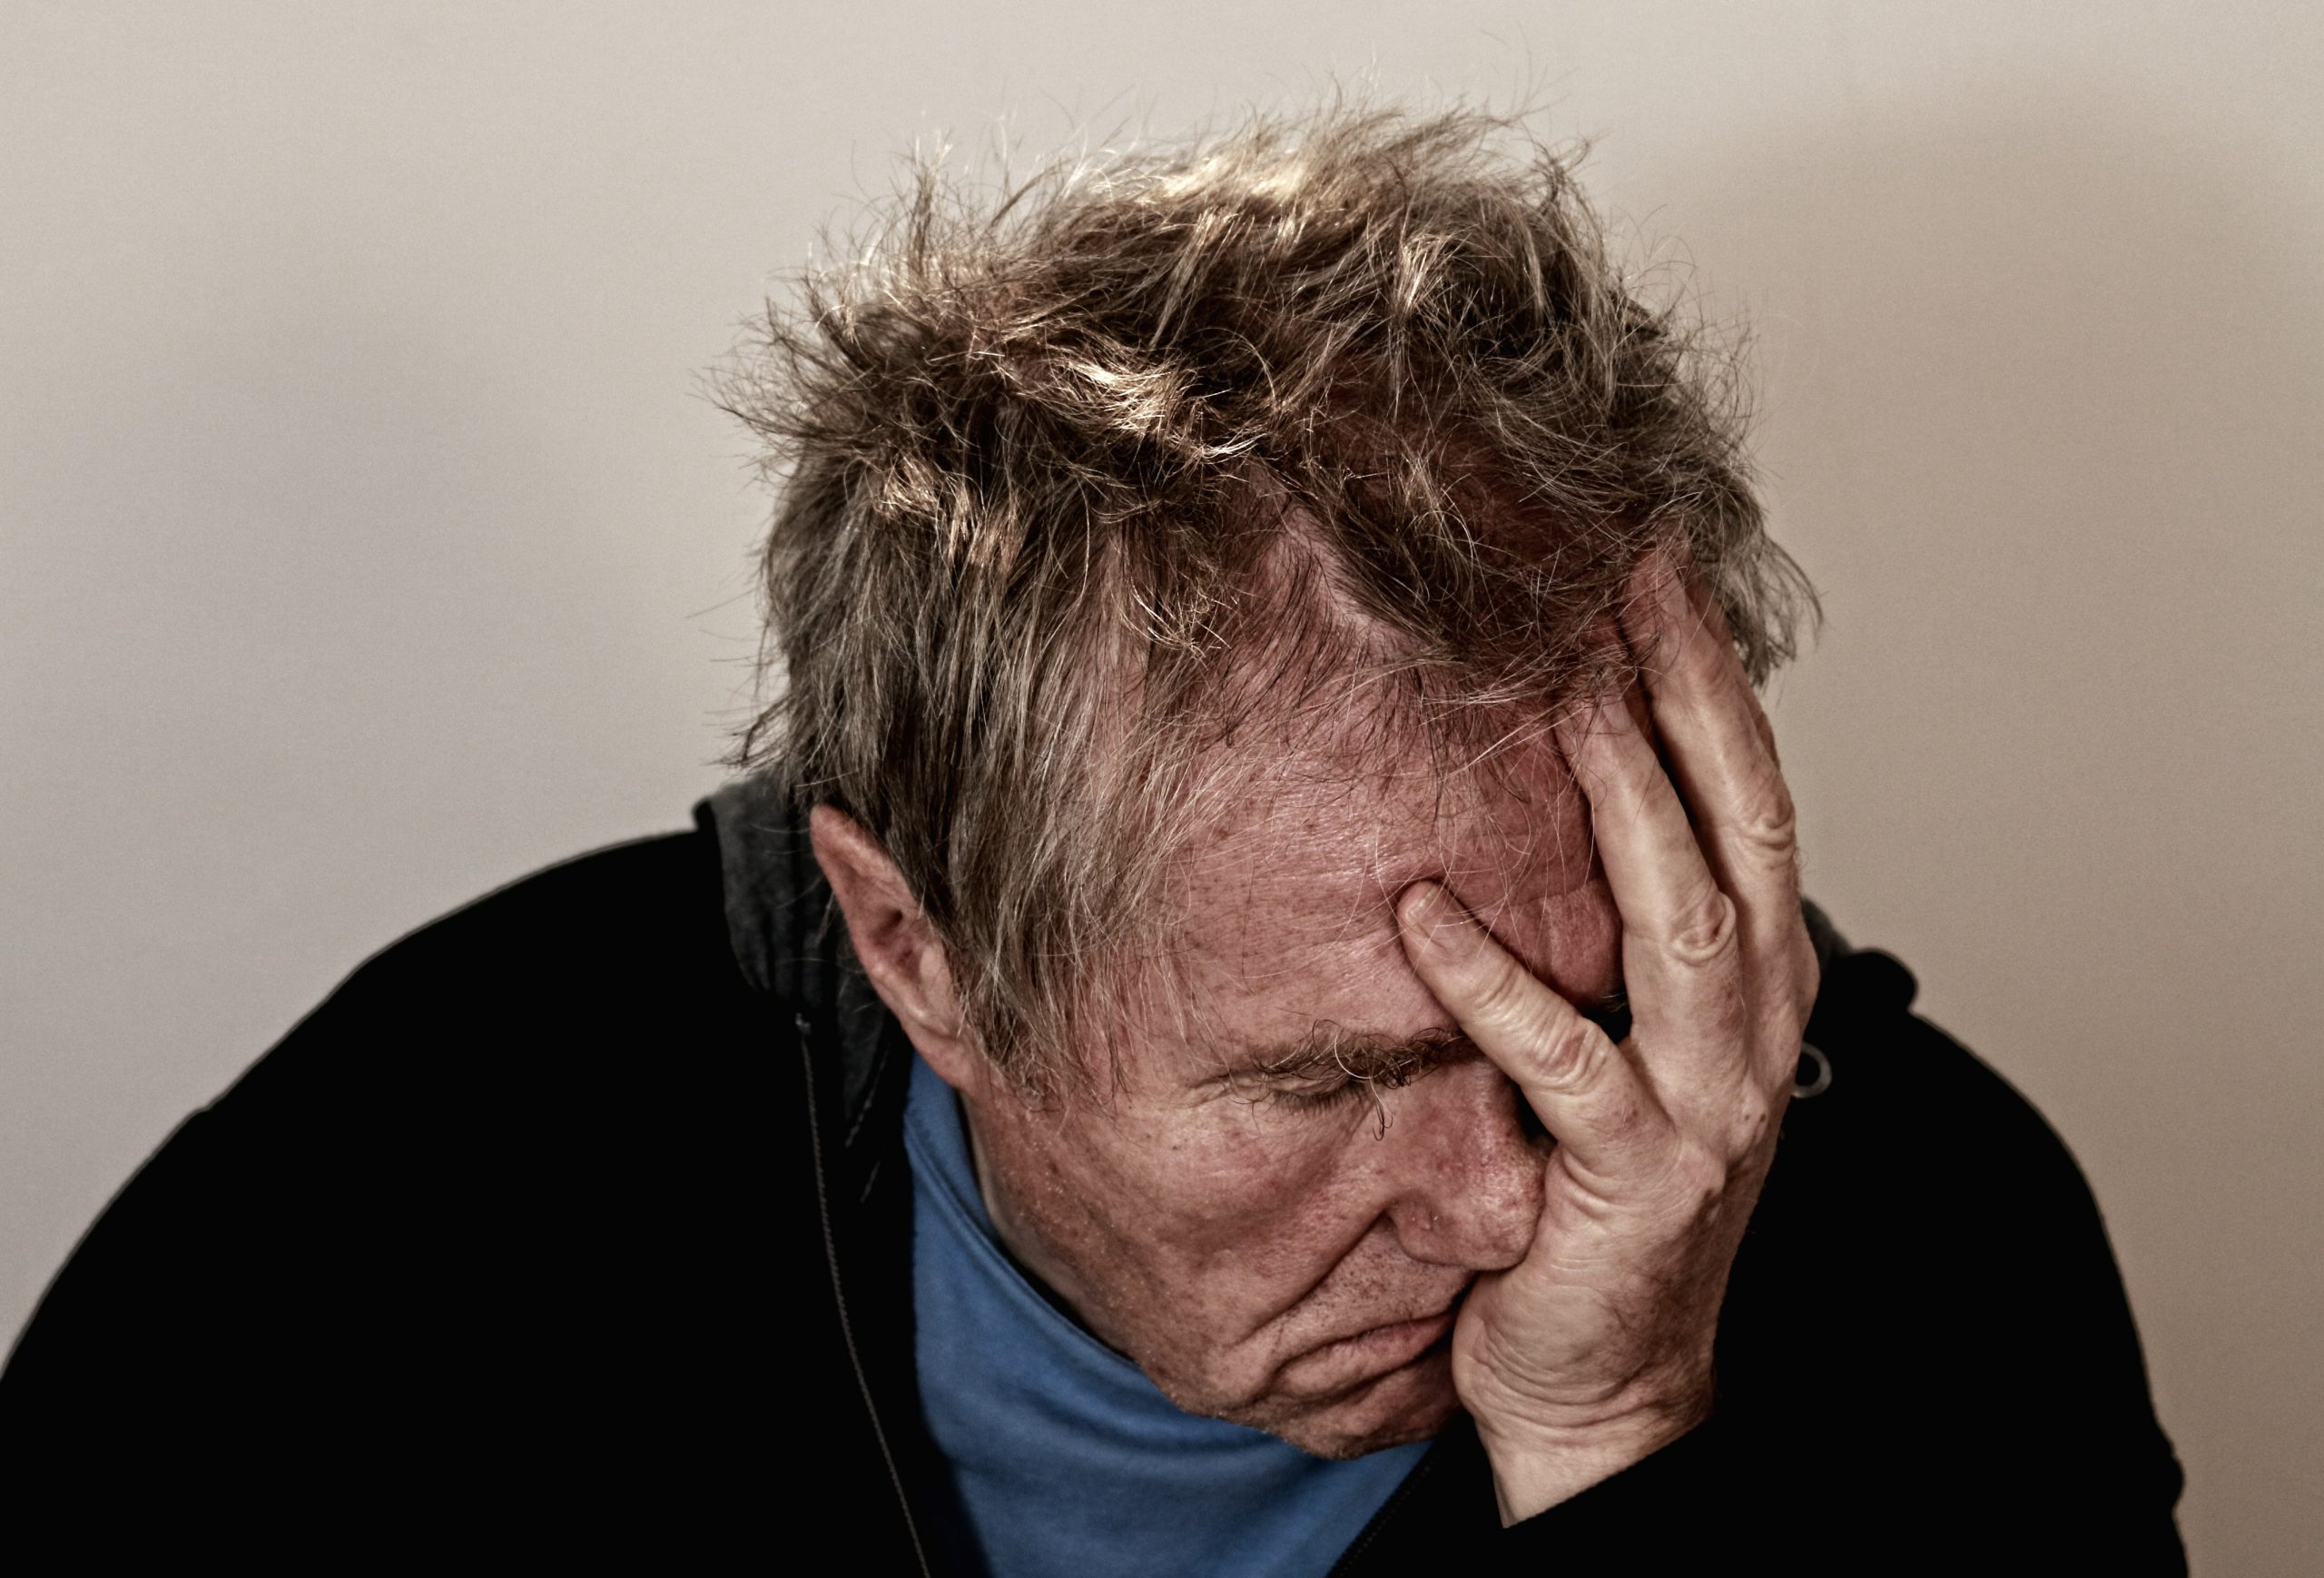 Kopfschmerzen, Migräne, Headache, migraine